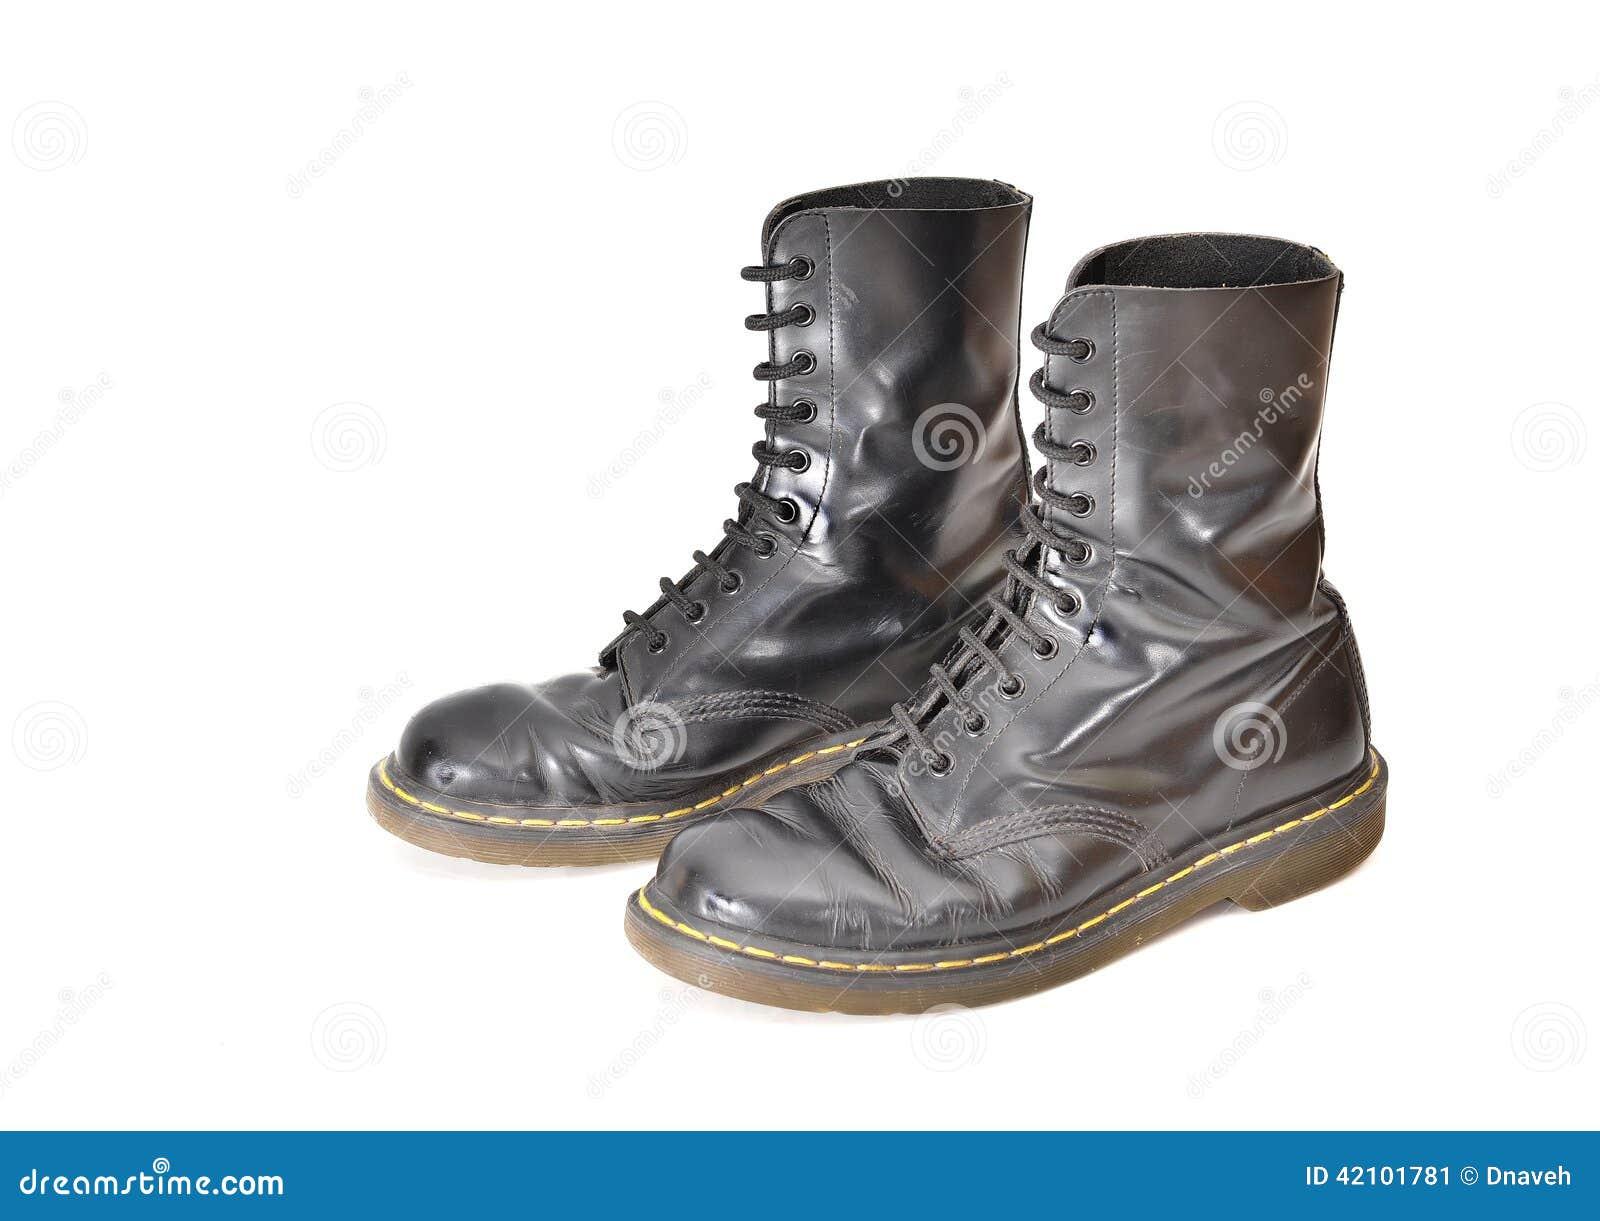 sitio web para descuento últimas tendencias de 2019 venta oficial Pares De Botas Negras Clásicas Del Zapato Con Cordones ...